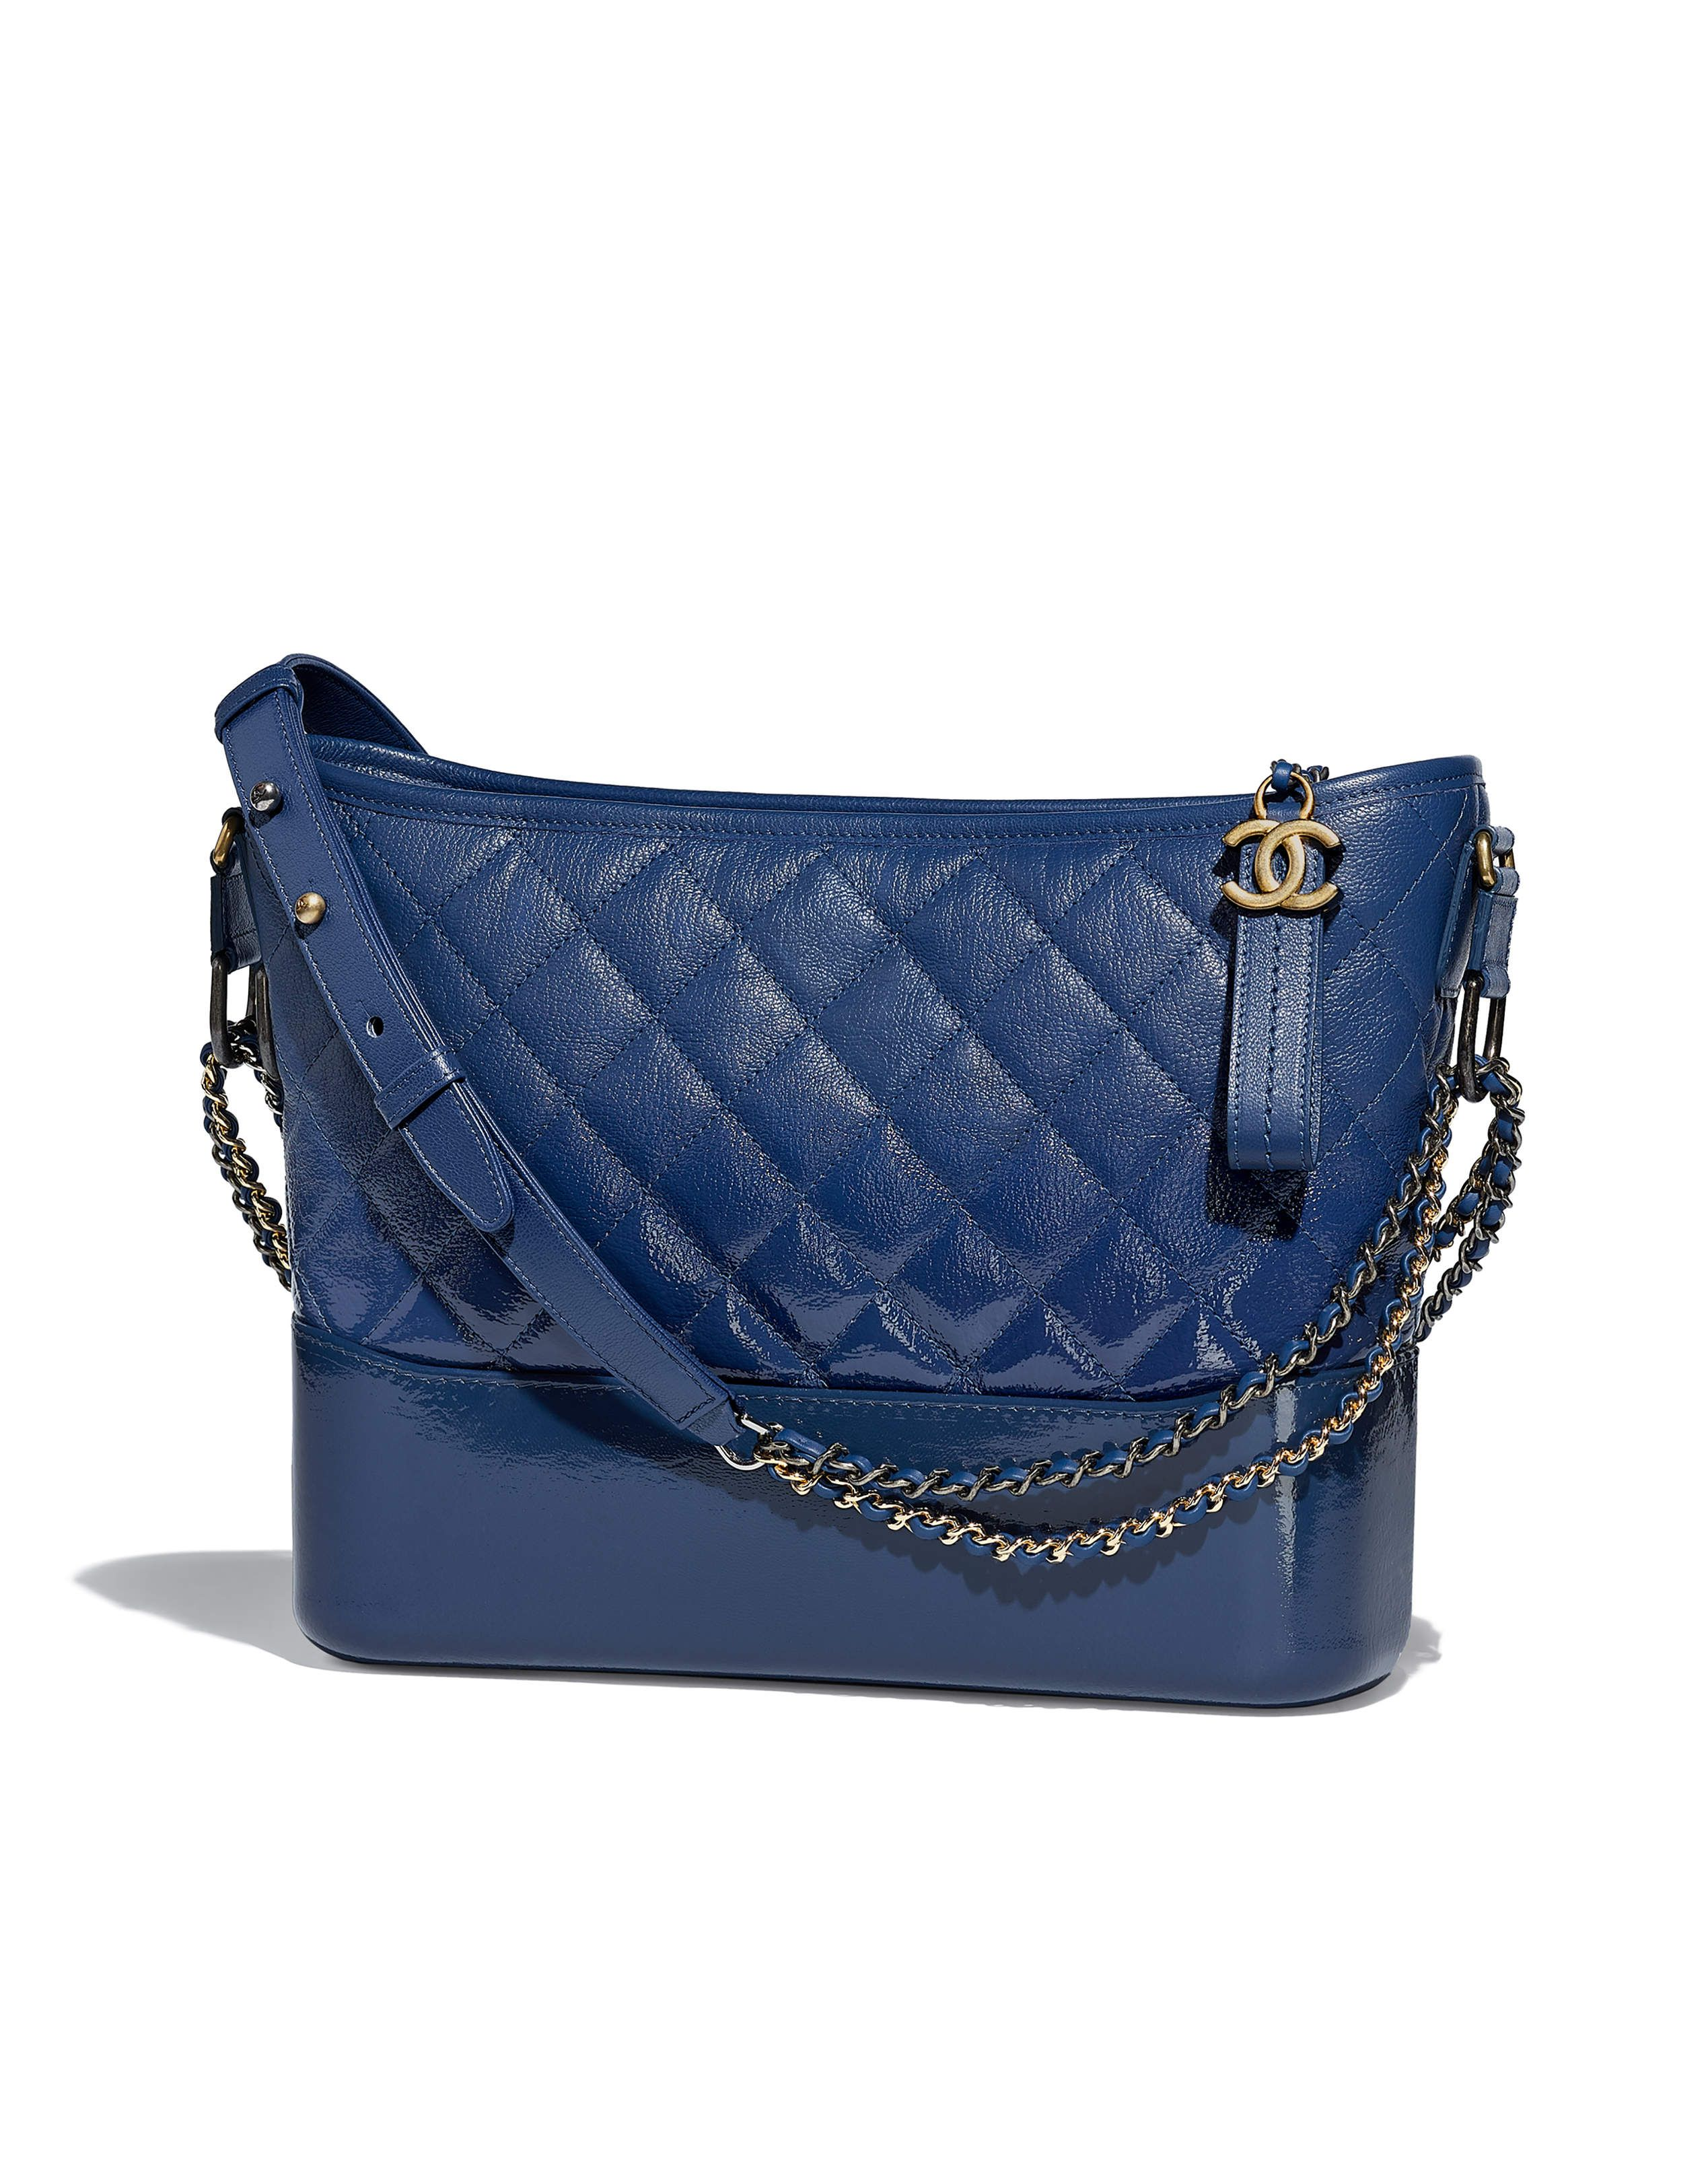 b58884a2d449 CHANEL s GABRIELLE hobo bag